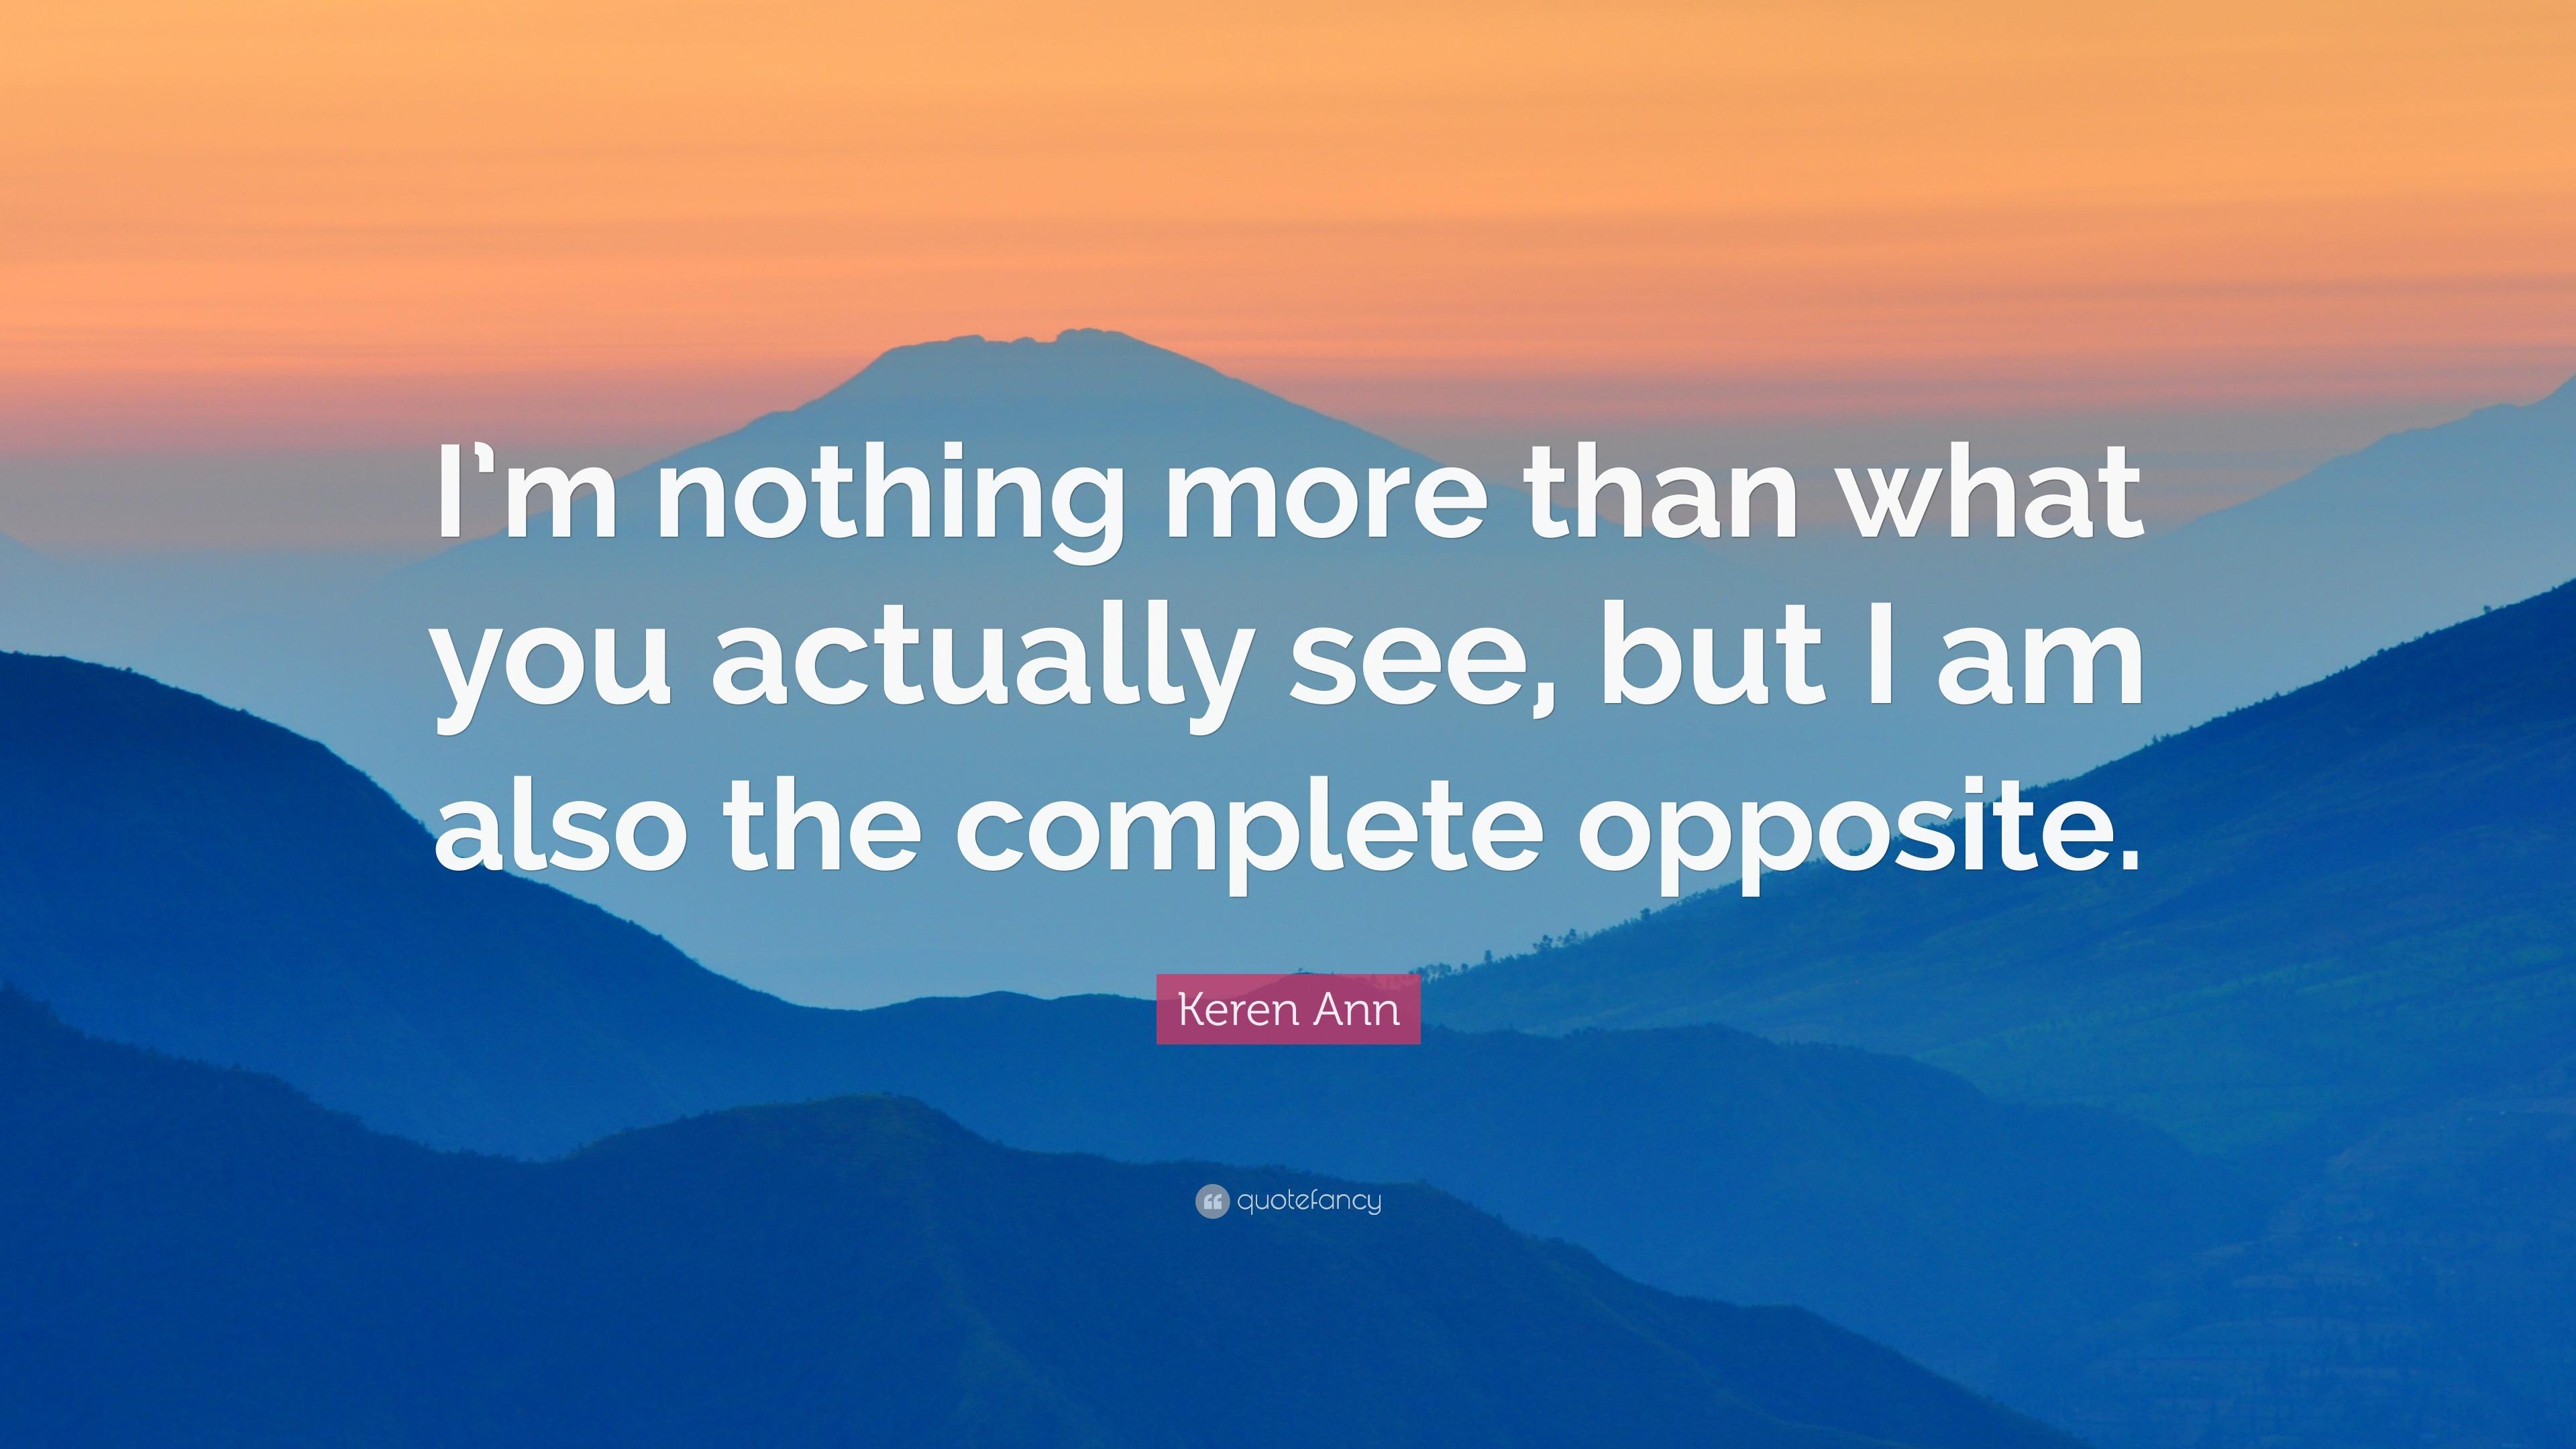 Keren Ann Quotes (20 wallpapers) - Quotefancy